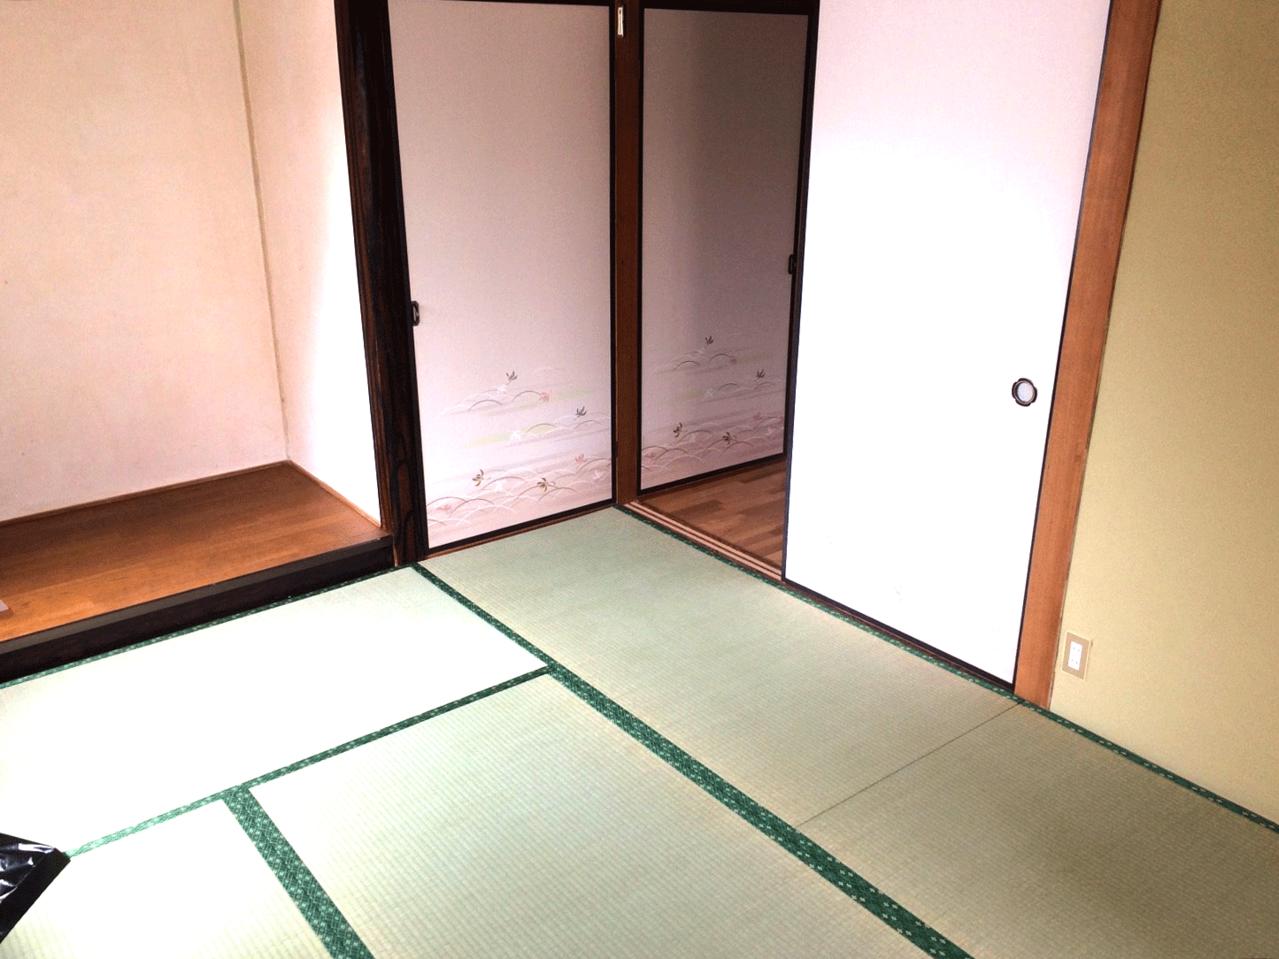 6帖和室は収納、床の間付き♪◆小倉南区北方駐車スペース4台分の戸建て住宅♪